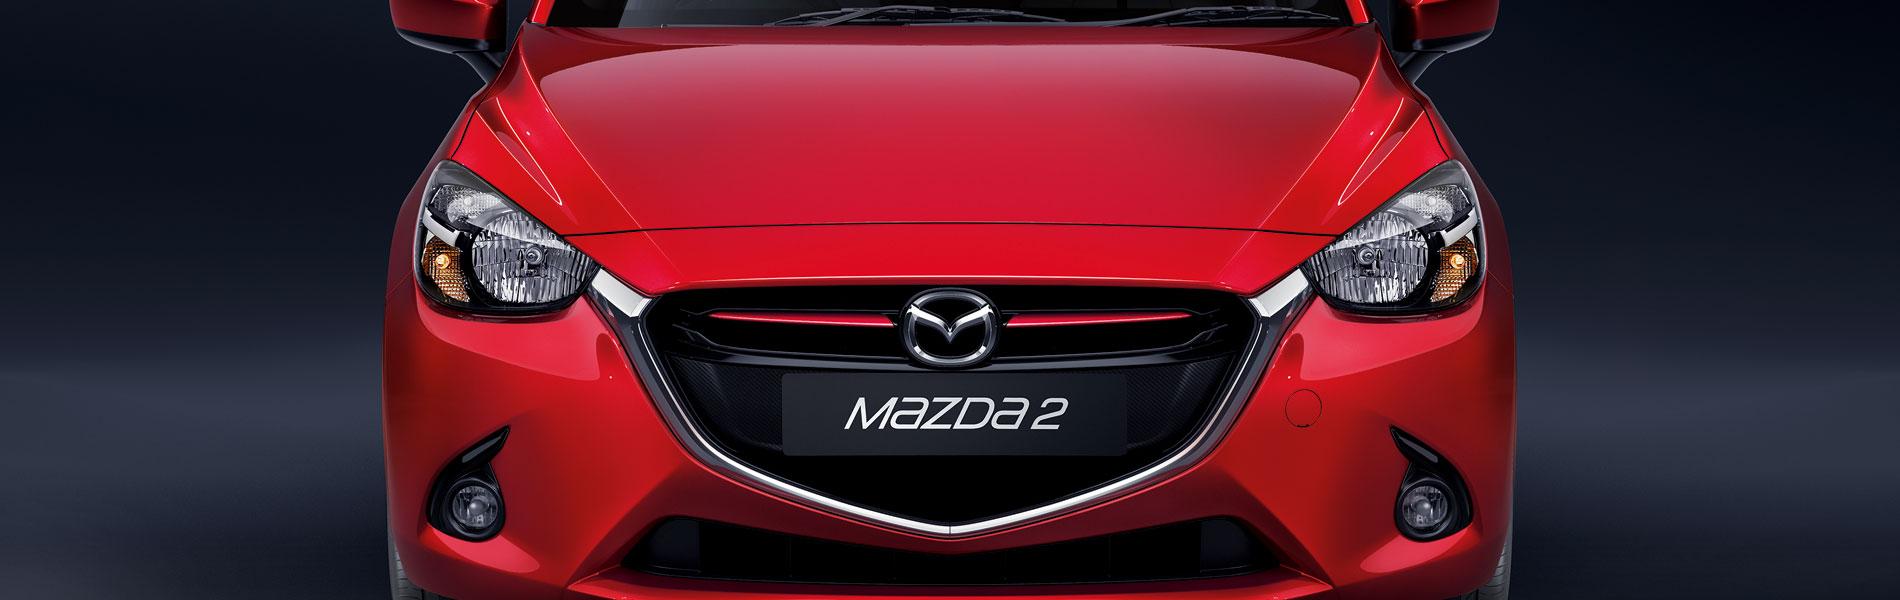 Mazda Mazda2 Image 3